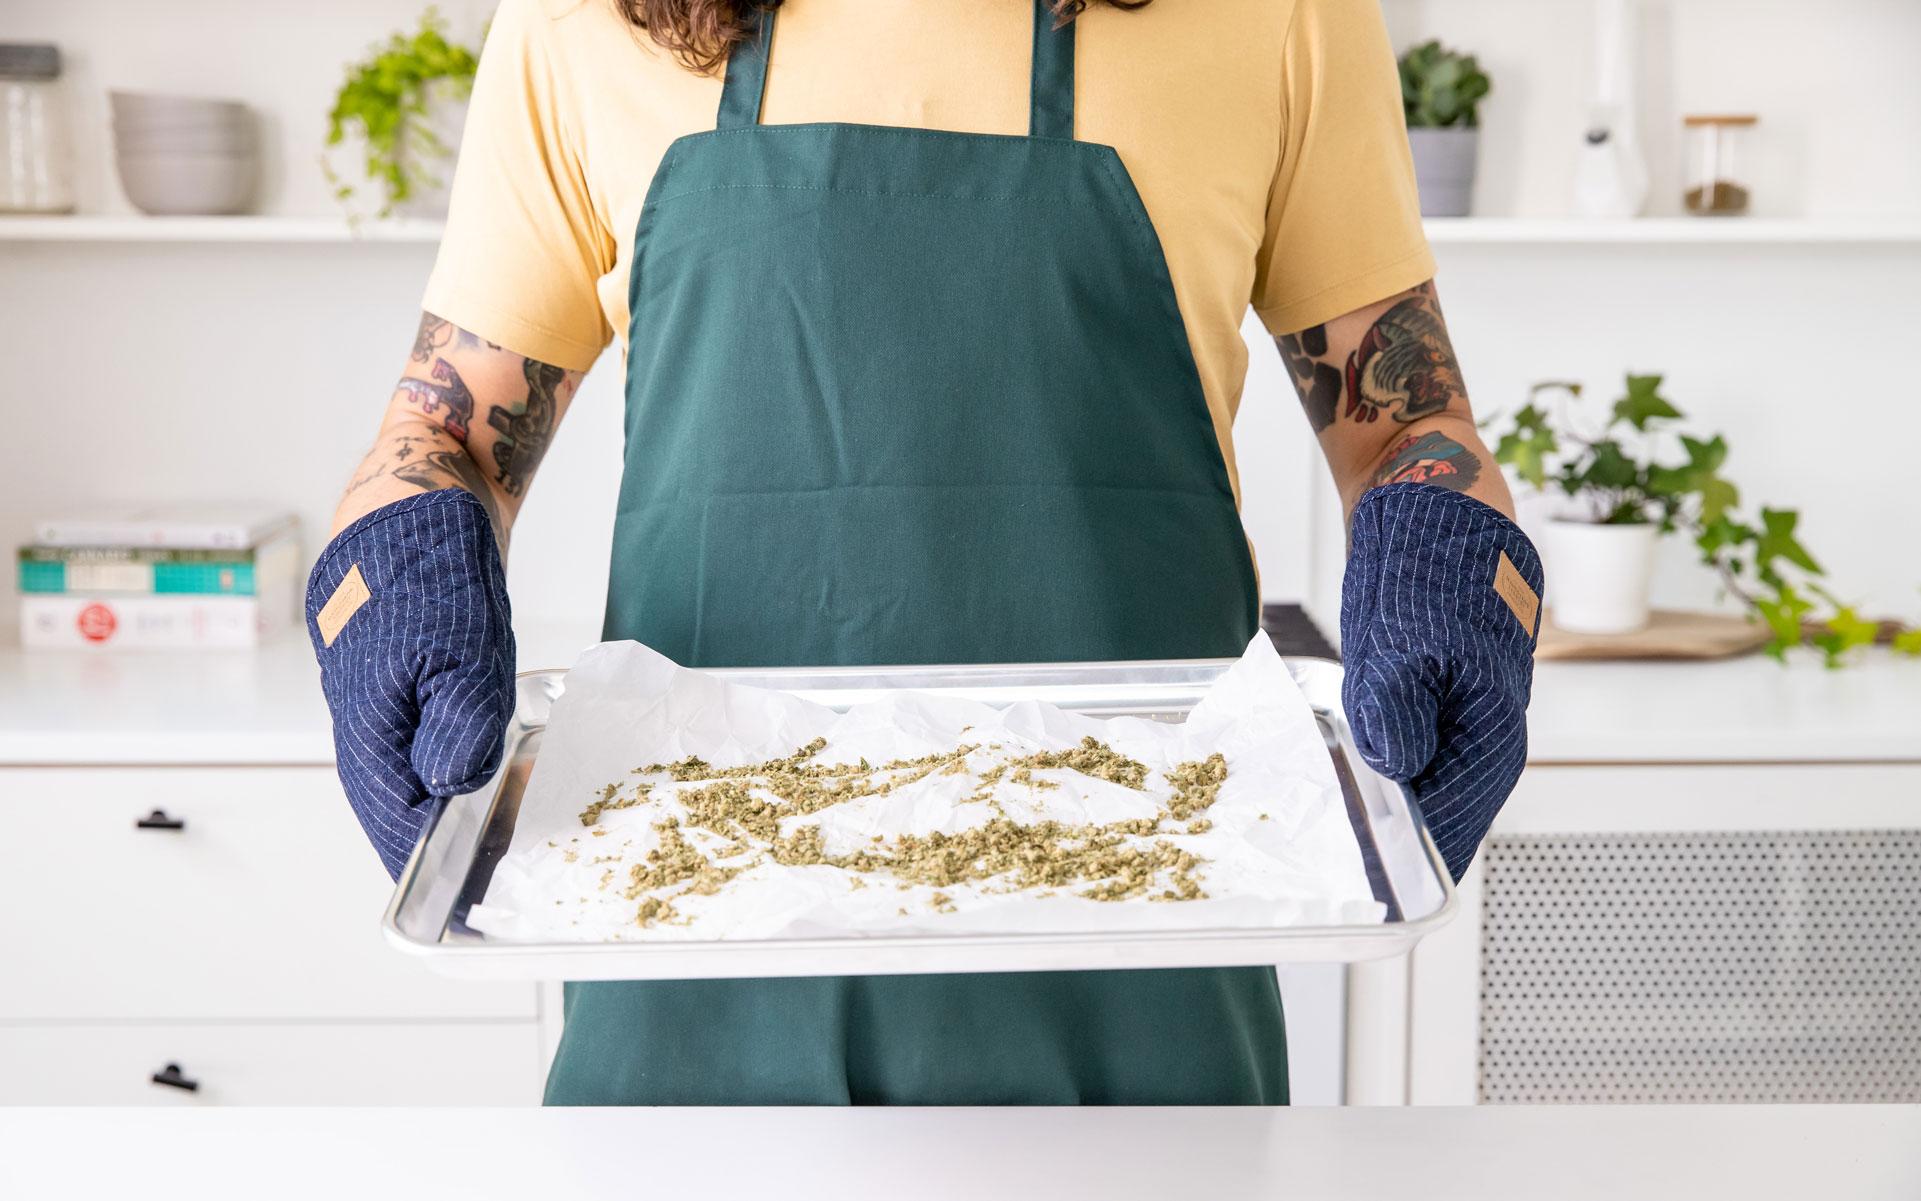 decarb chef oven recipe